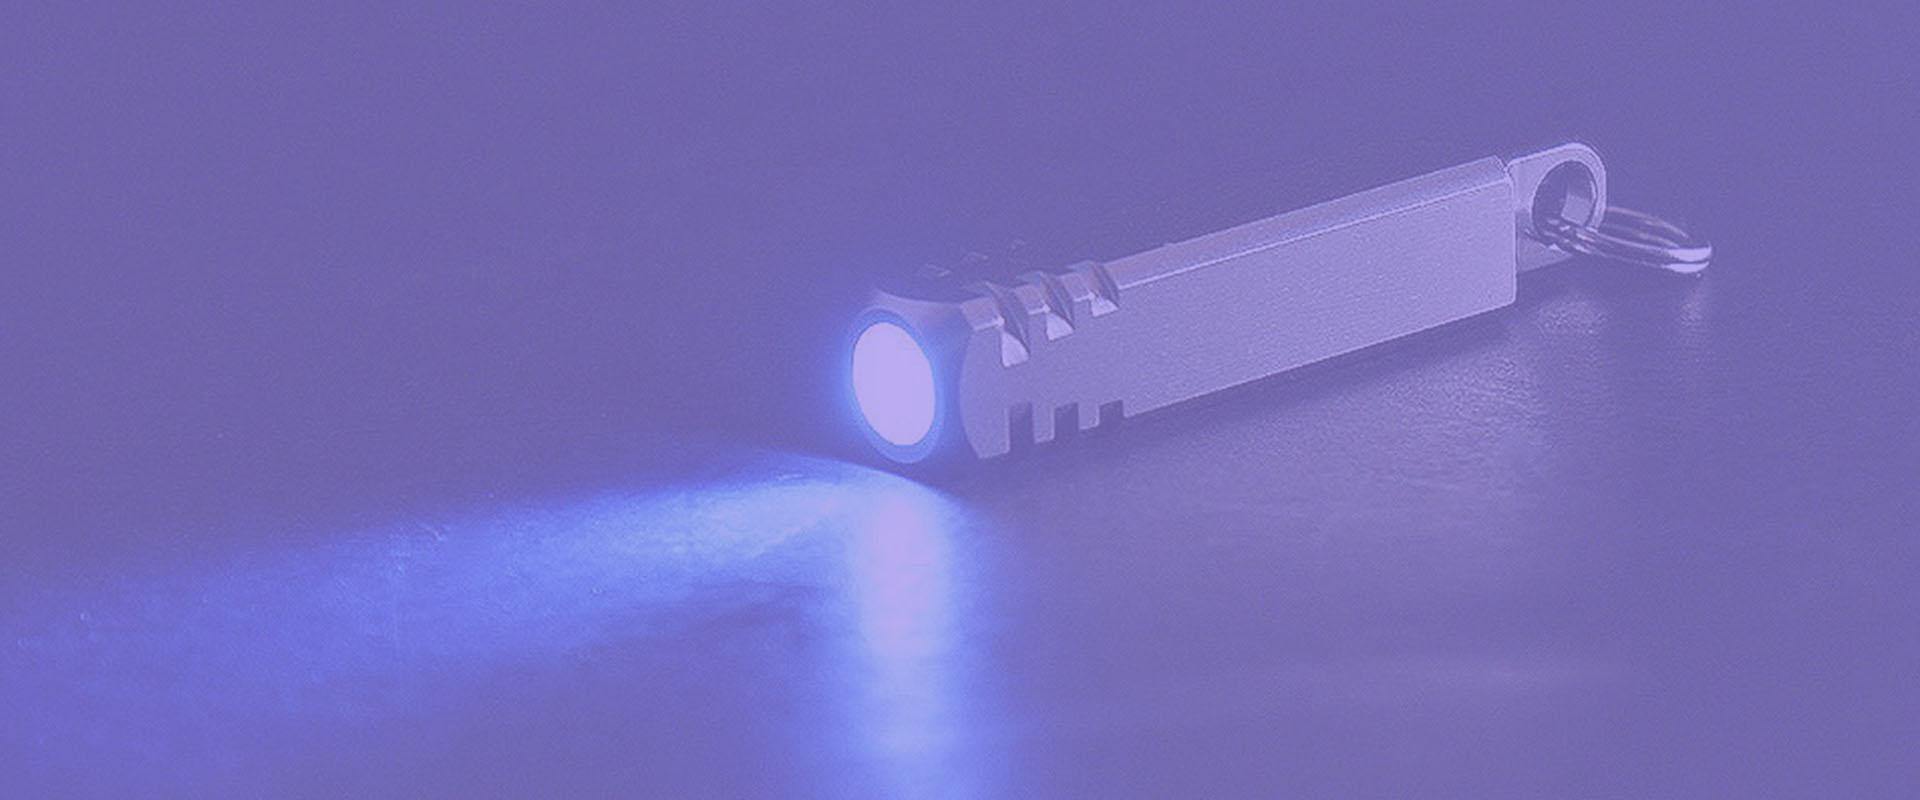 keychain flashlight